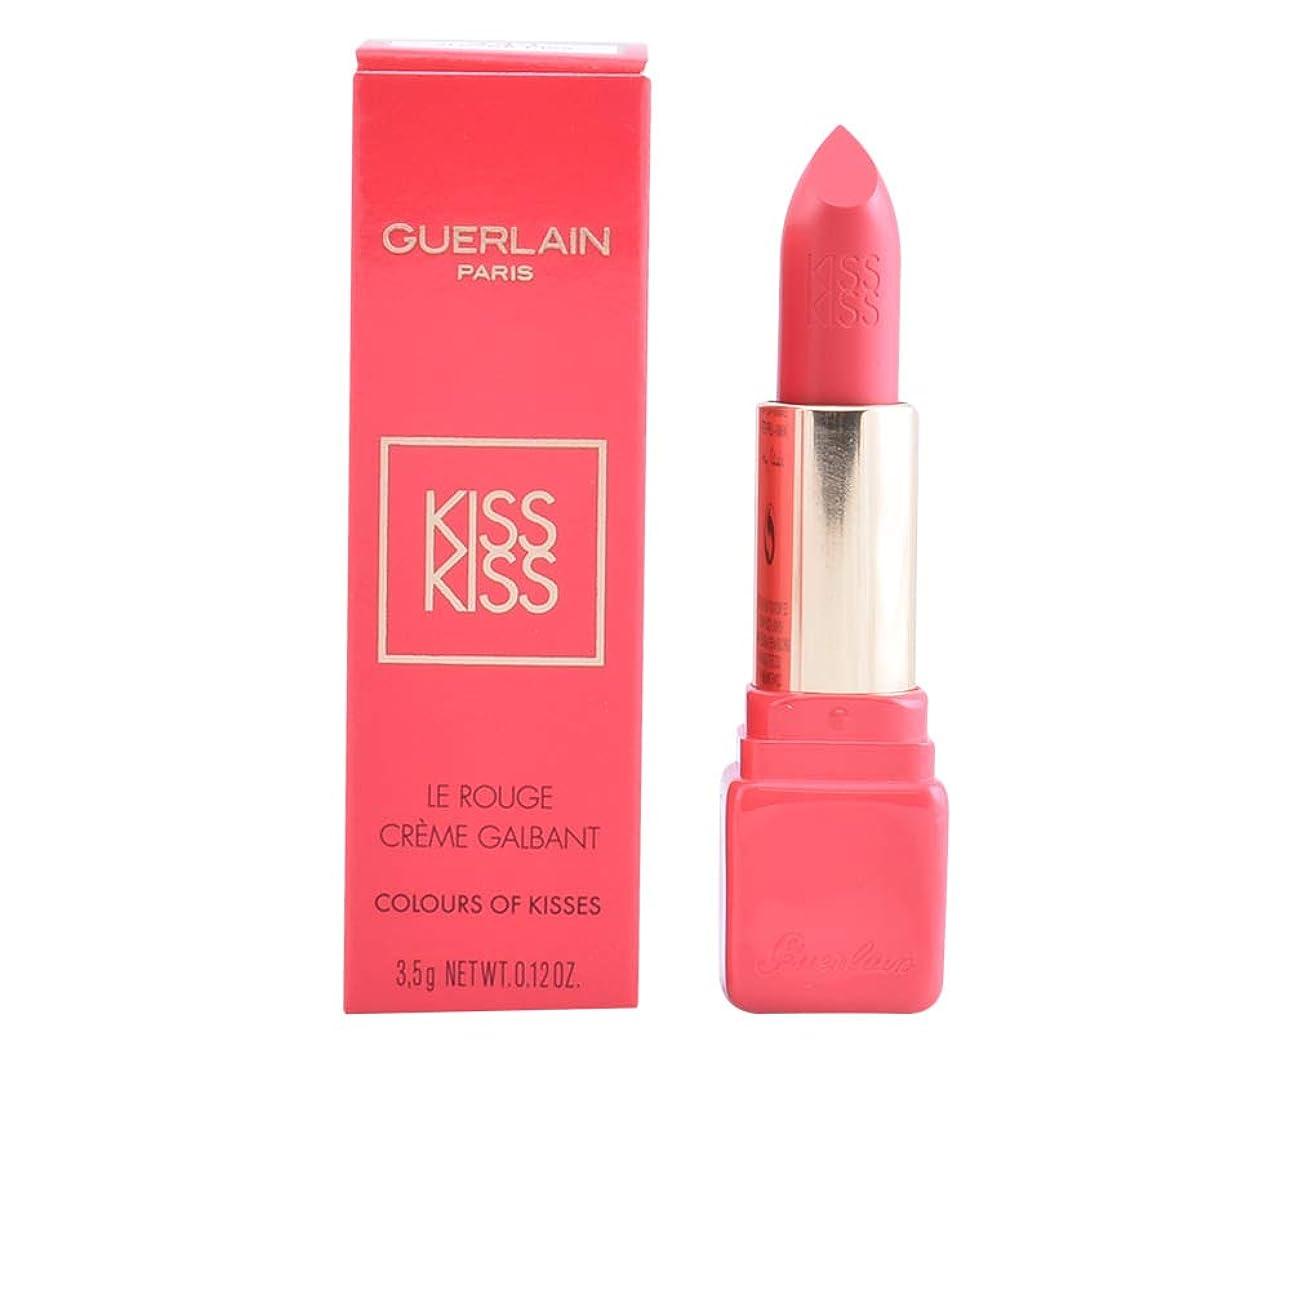 発送送る間違っているゲラン KissKiss Creamy Shaping Lip Colour (Colours Of Kisses) - # 343 Sugar Kiss 3.5g/0.12oz並行輸入品